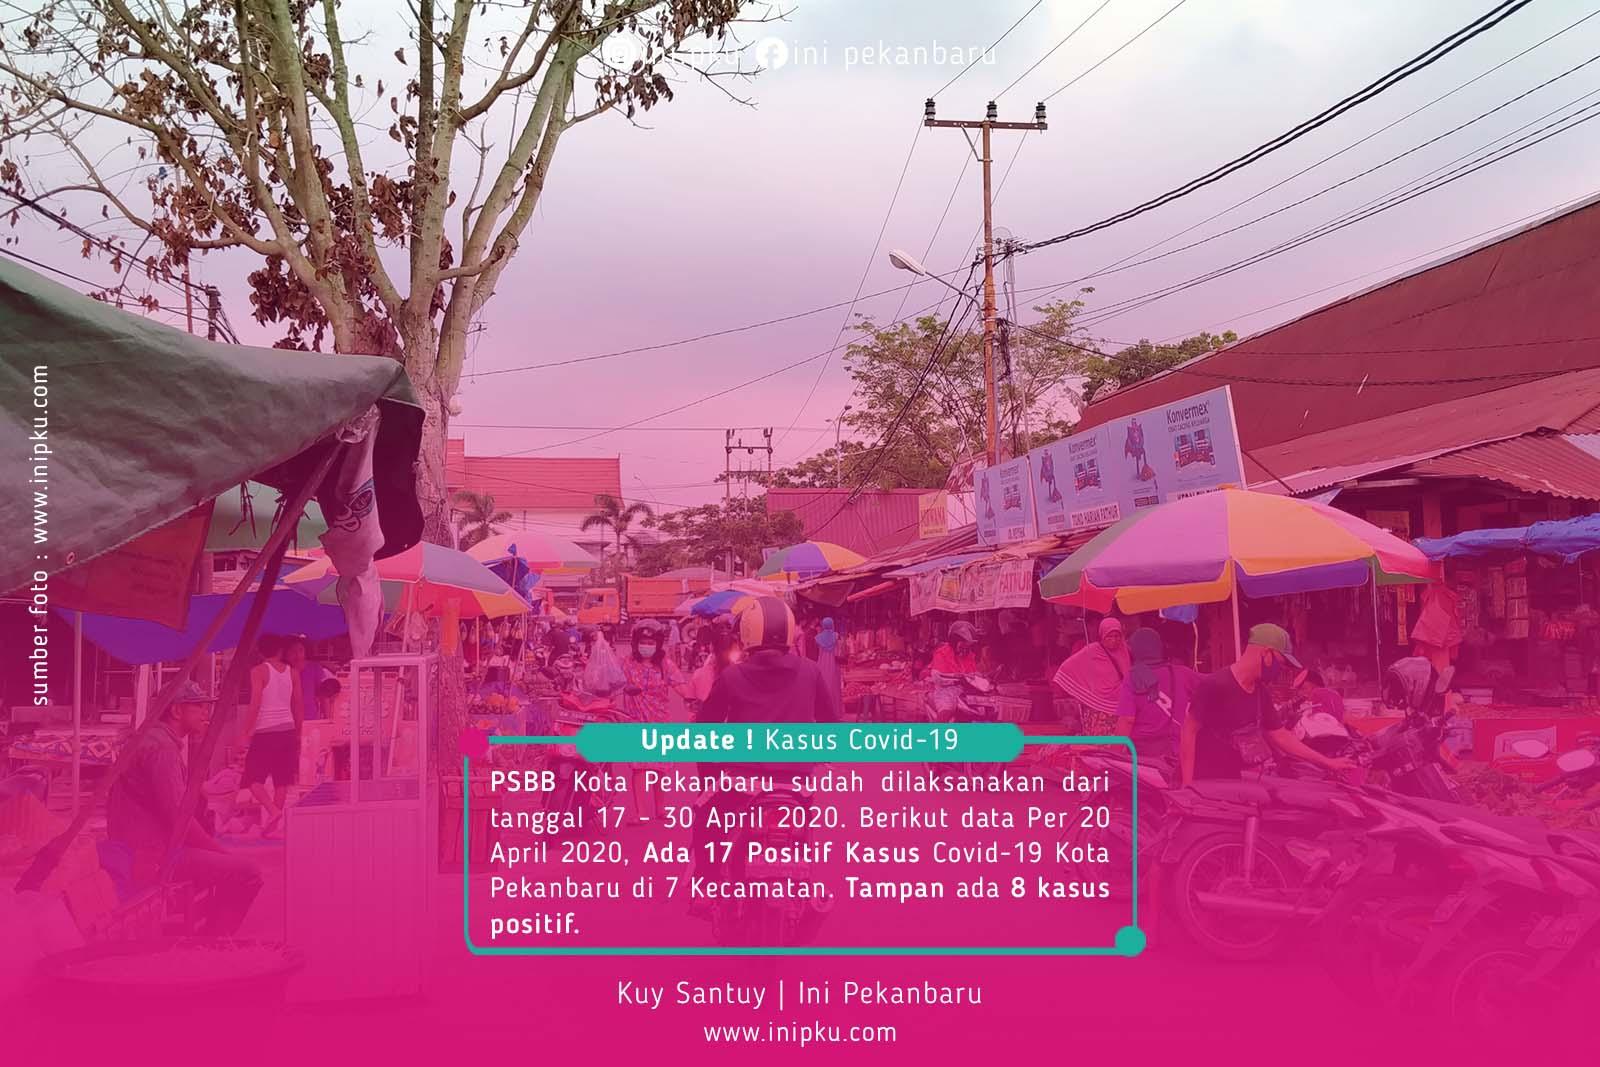 Update ! Ada 17 Positif Kasus Covid-19 Kota Pekanbaru di 7 Kecamatan